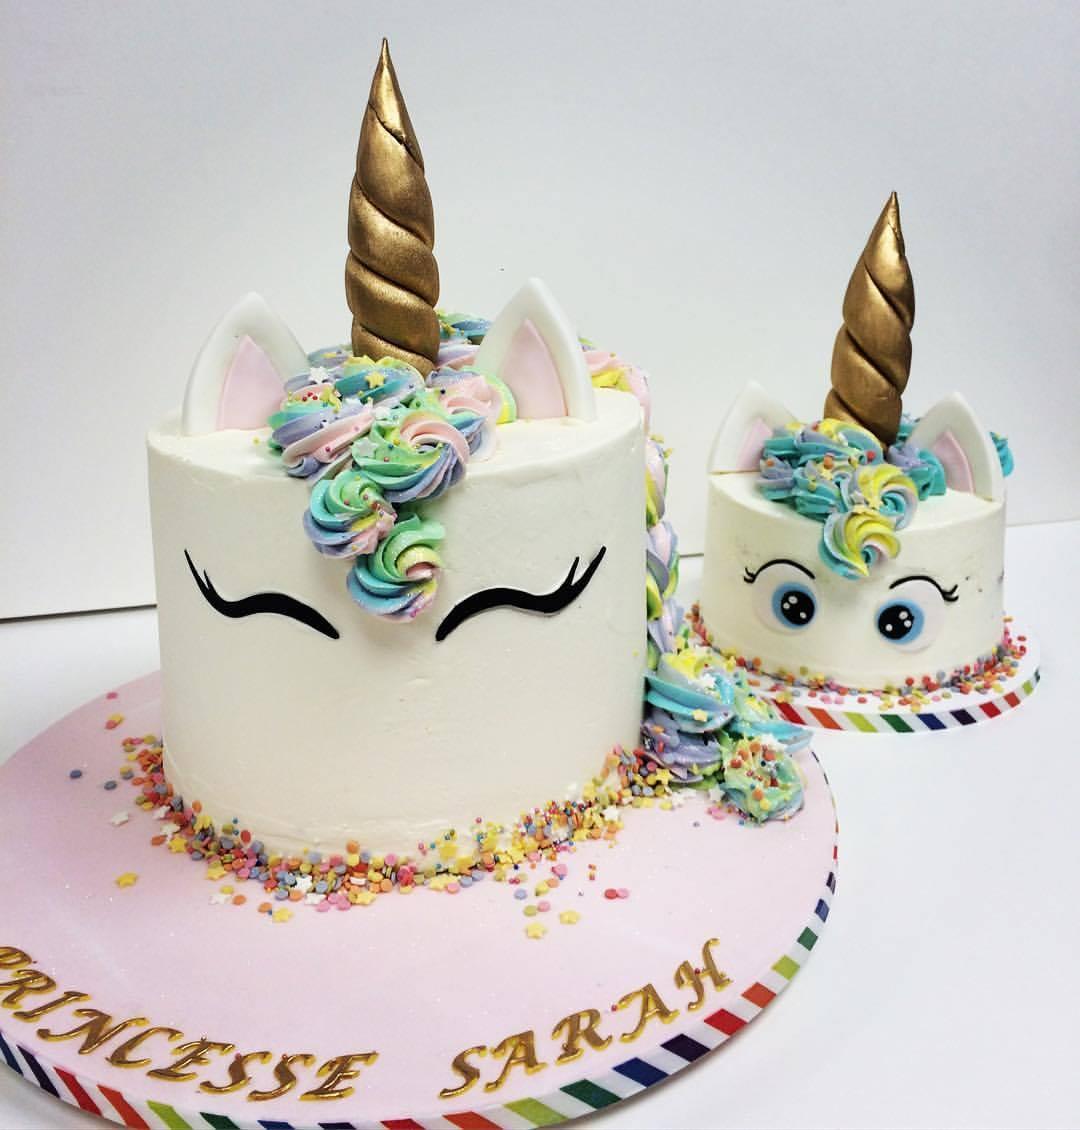 La Couronne Du Roi Patisseries Et Cake Design Un Crowdfunding